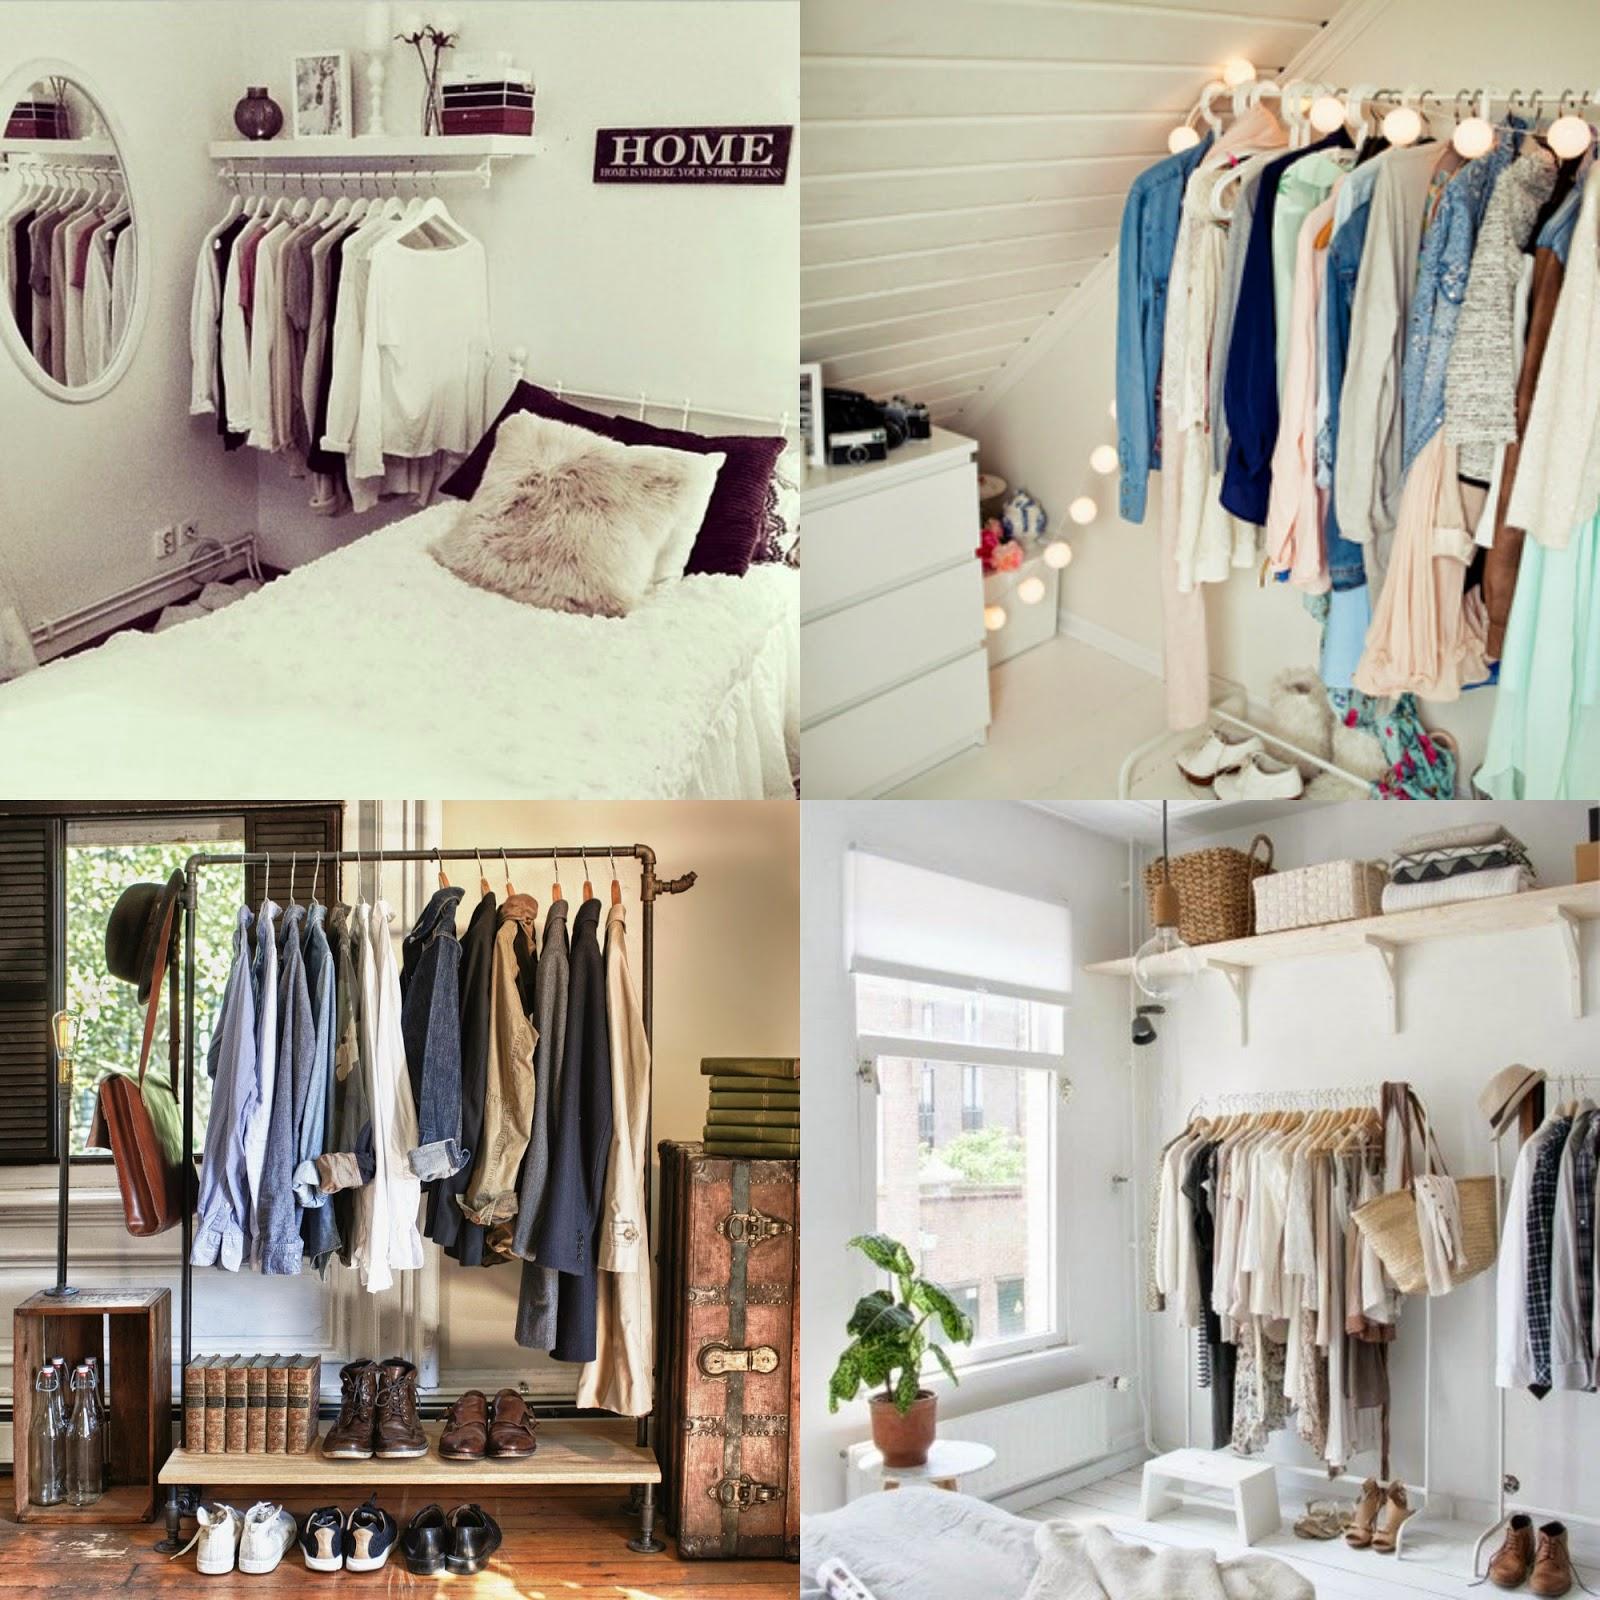 slaapkamer inspiratie foto s imajorie room inspiration